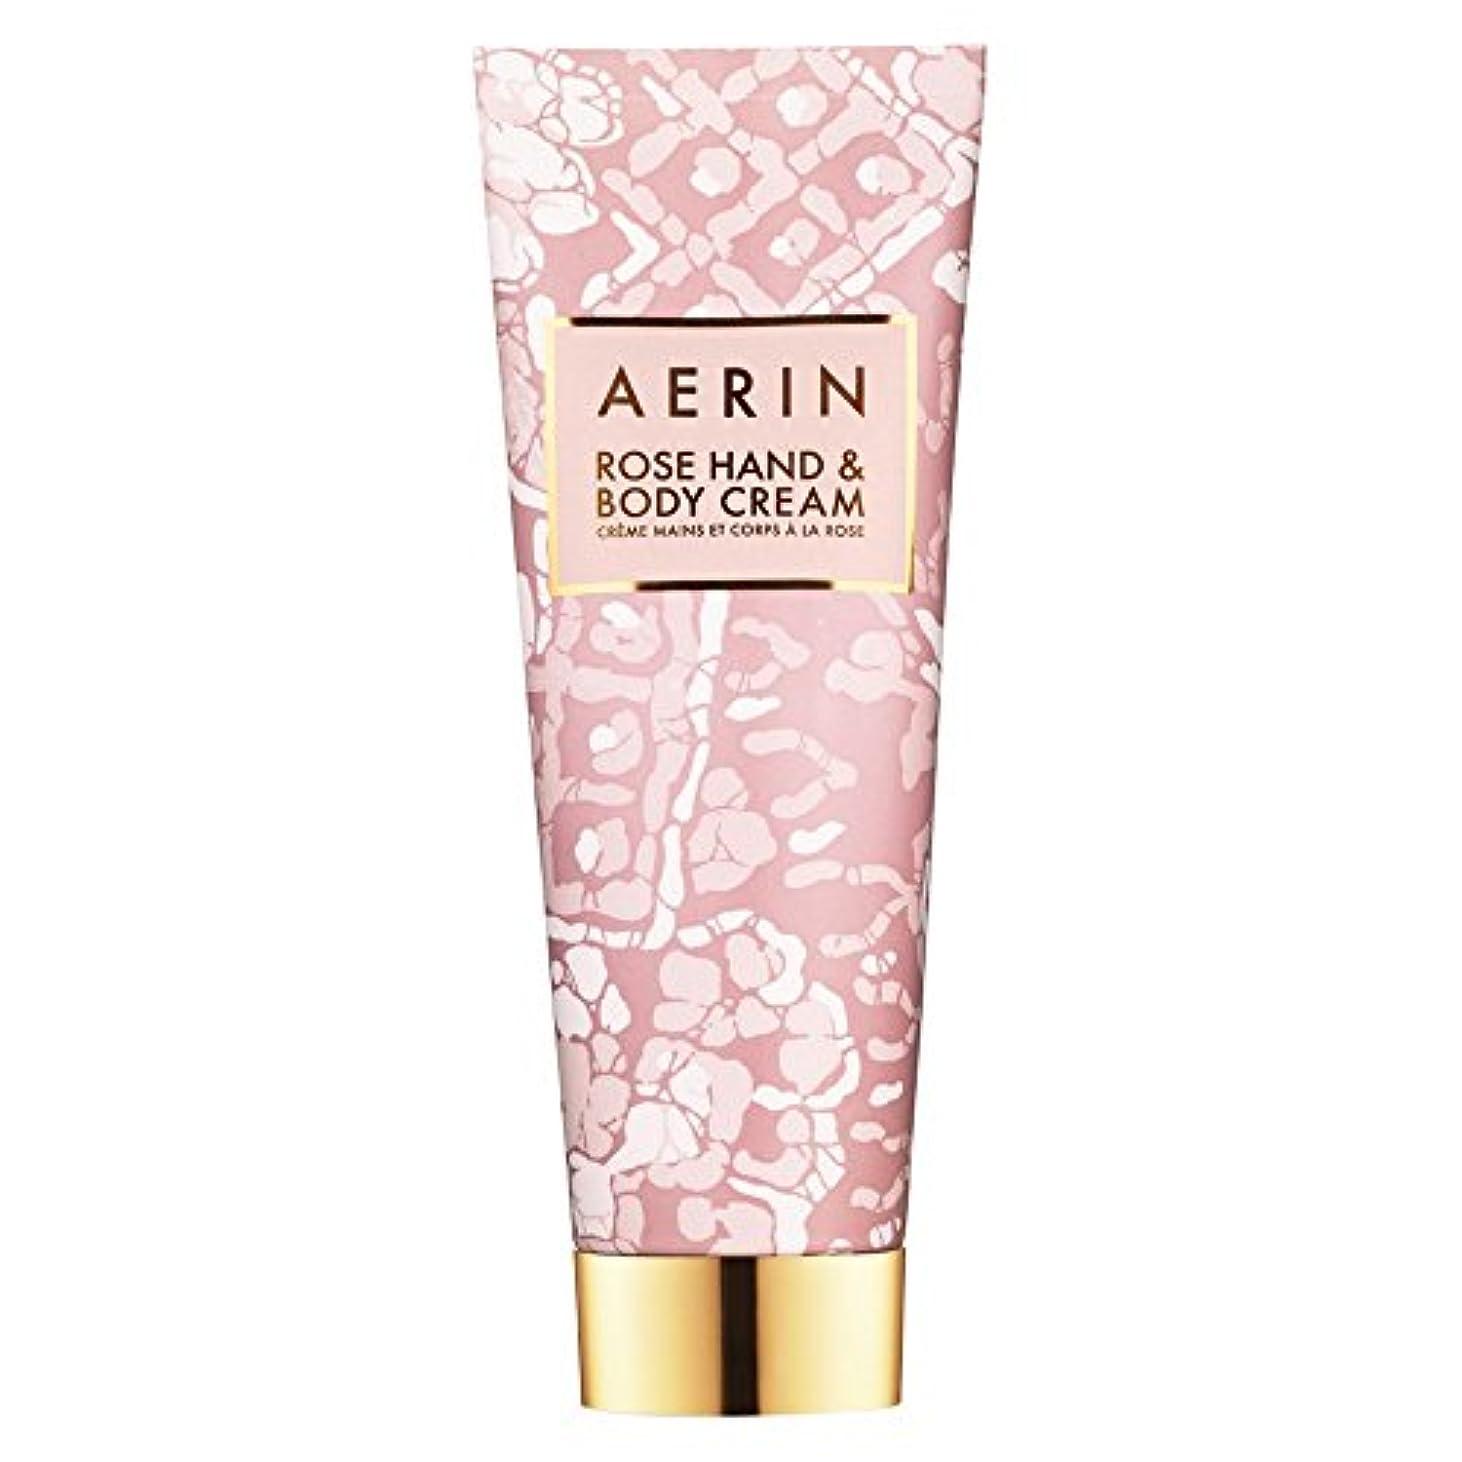 接尾辞突っ込む先史時代のAerinはハンド&ボディクリーム125ミリリットルをバラ (AERIN) - AERIN Rose Hand & Body Cream 125ml [並行輸入品]